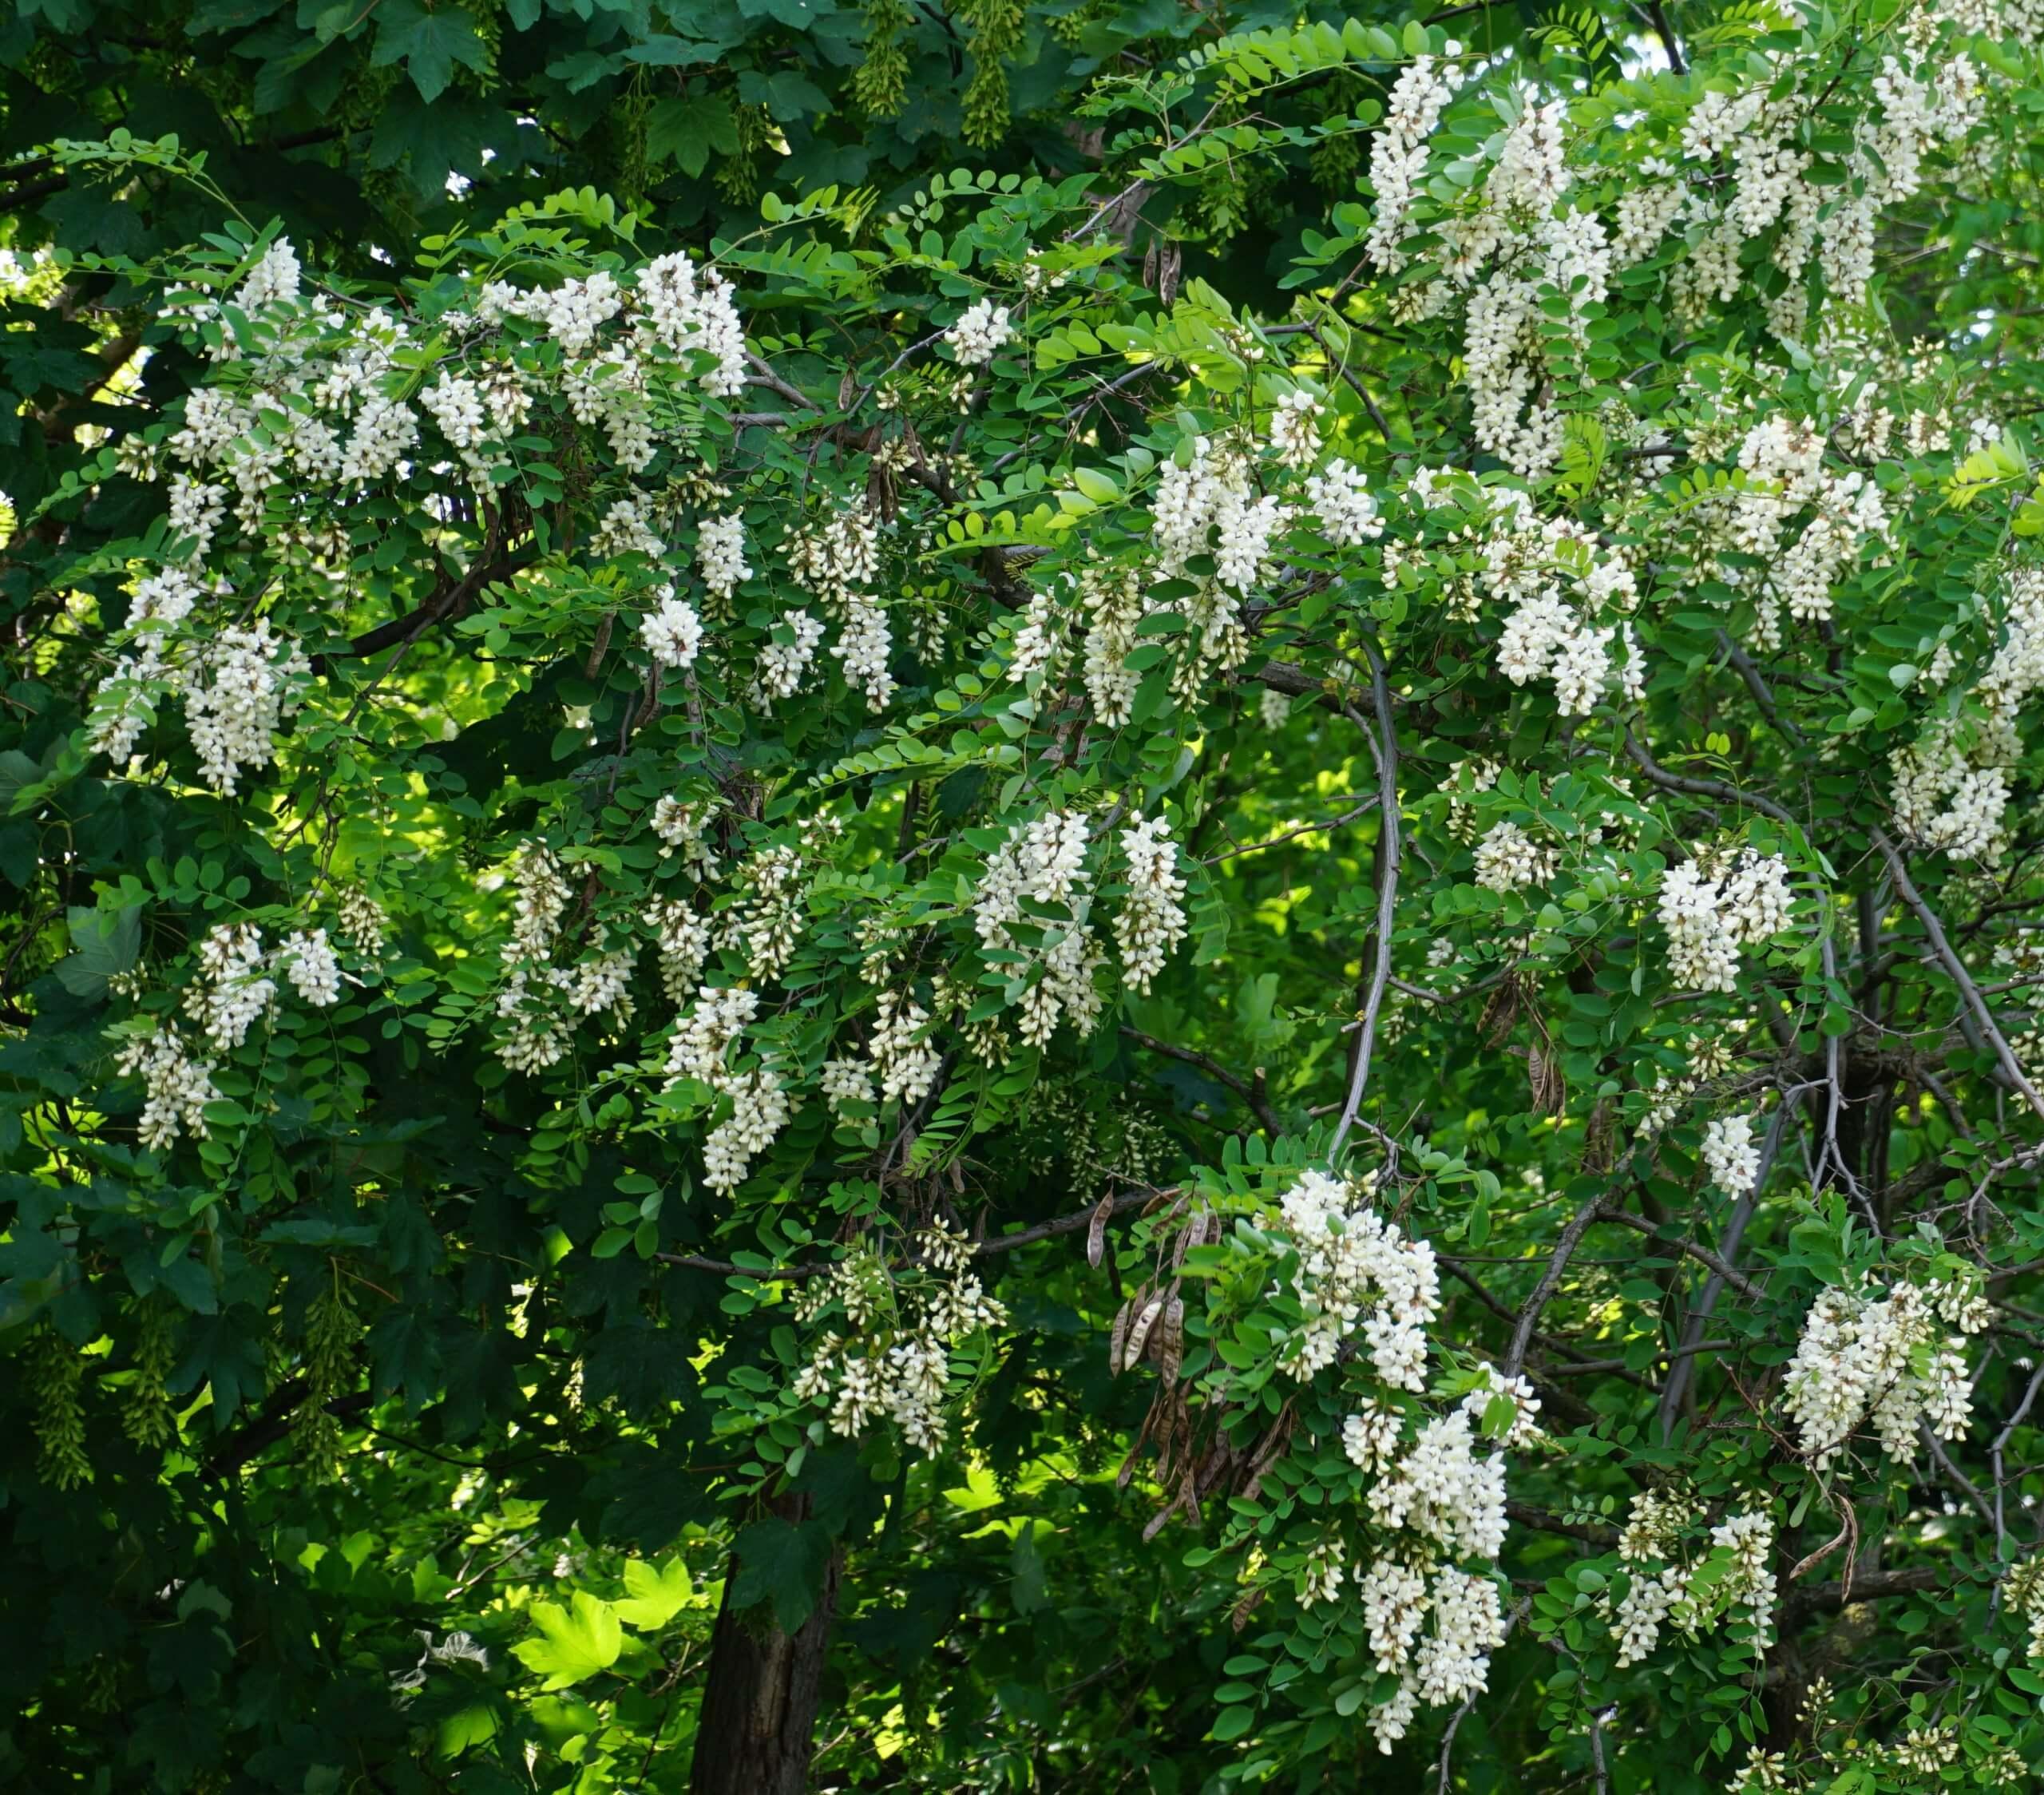 Das Bild zeigt einen Kronenausschnitt einer Robinie, welcher üppig mit weißen Blütentrauben behangen ist. Dies ist an Stadtbäumen nicht selten. Hier an einem Exemplar am Ufer der Dahme an der Langen Brücke in Köpenick, Juni 2021.